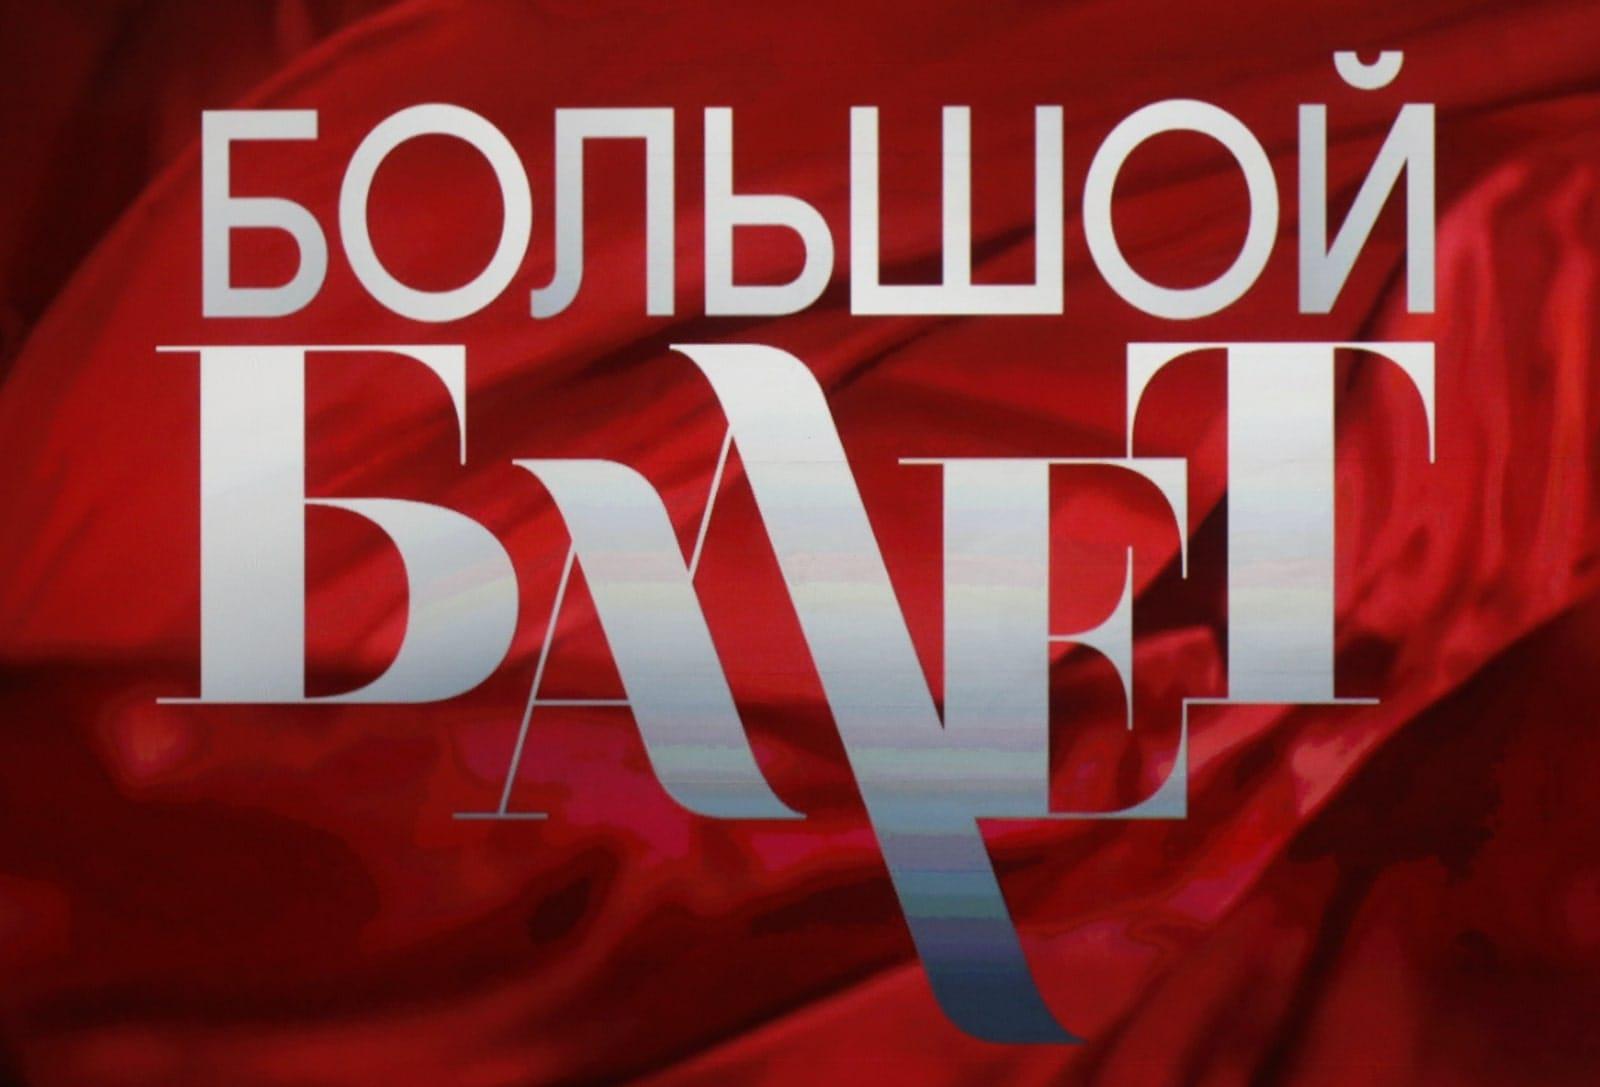 """Участники """"Большого балета"""" готовятся представить сольную программу"""